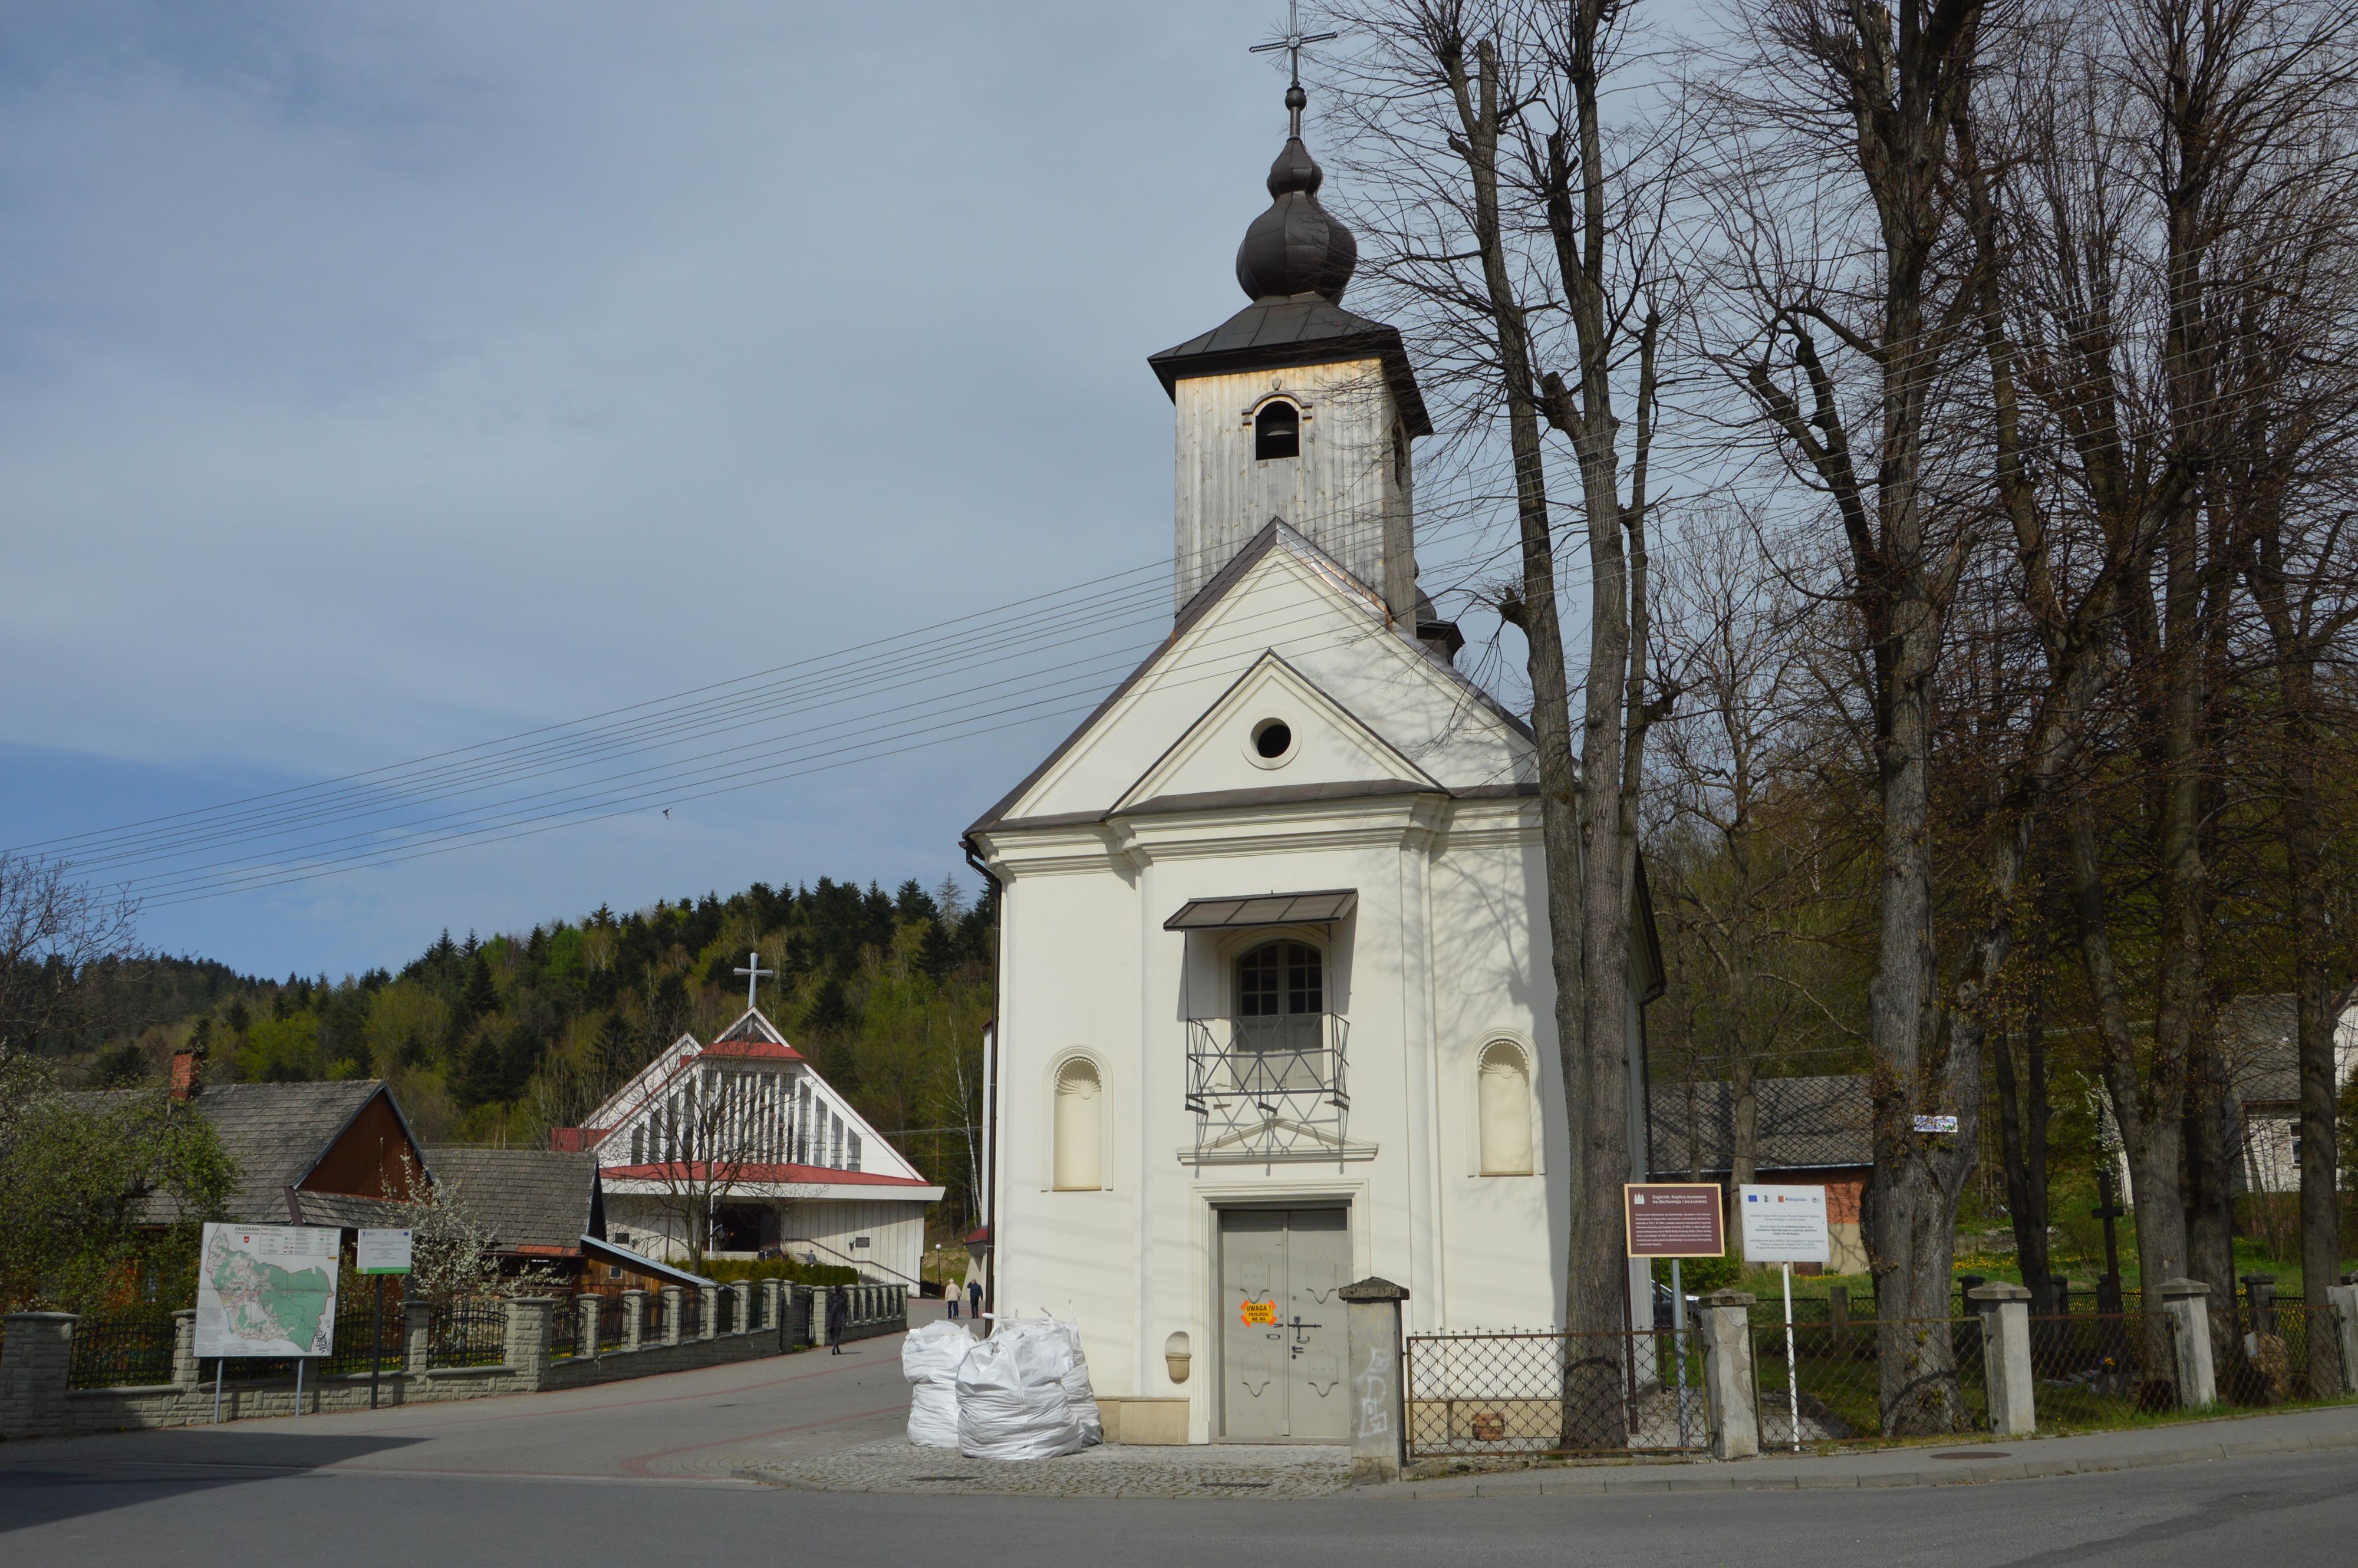 Trwa remont zabytkowej kaplicy w Zagórniku